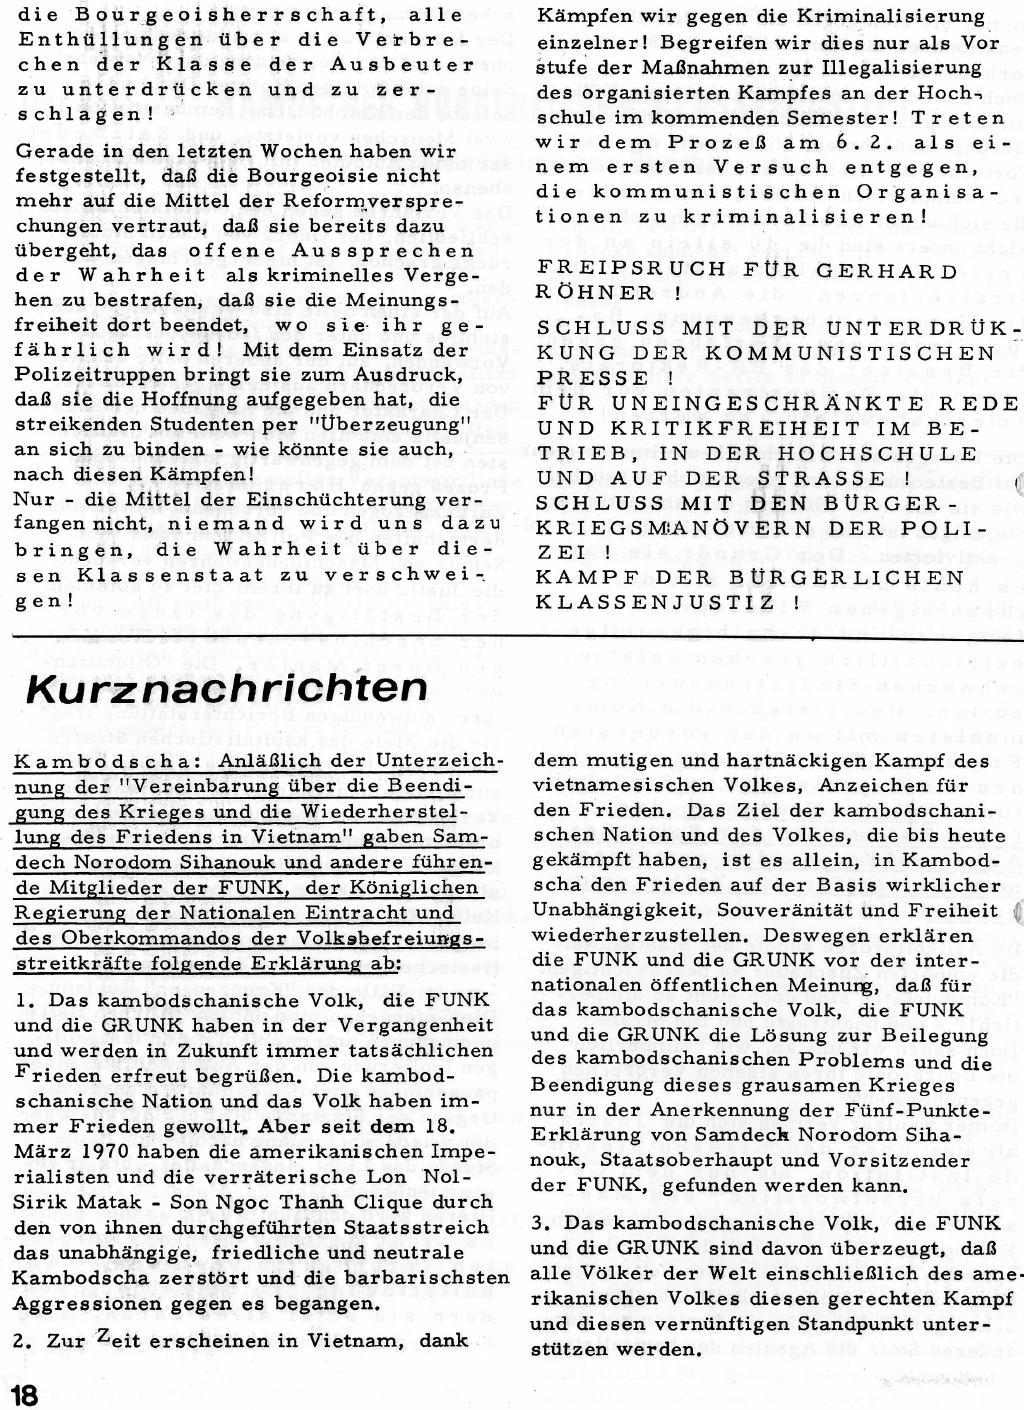 RPK_1973_005_18